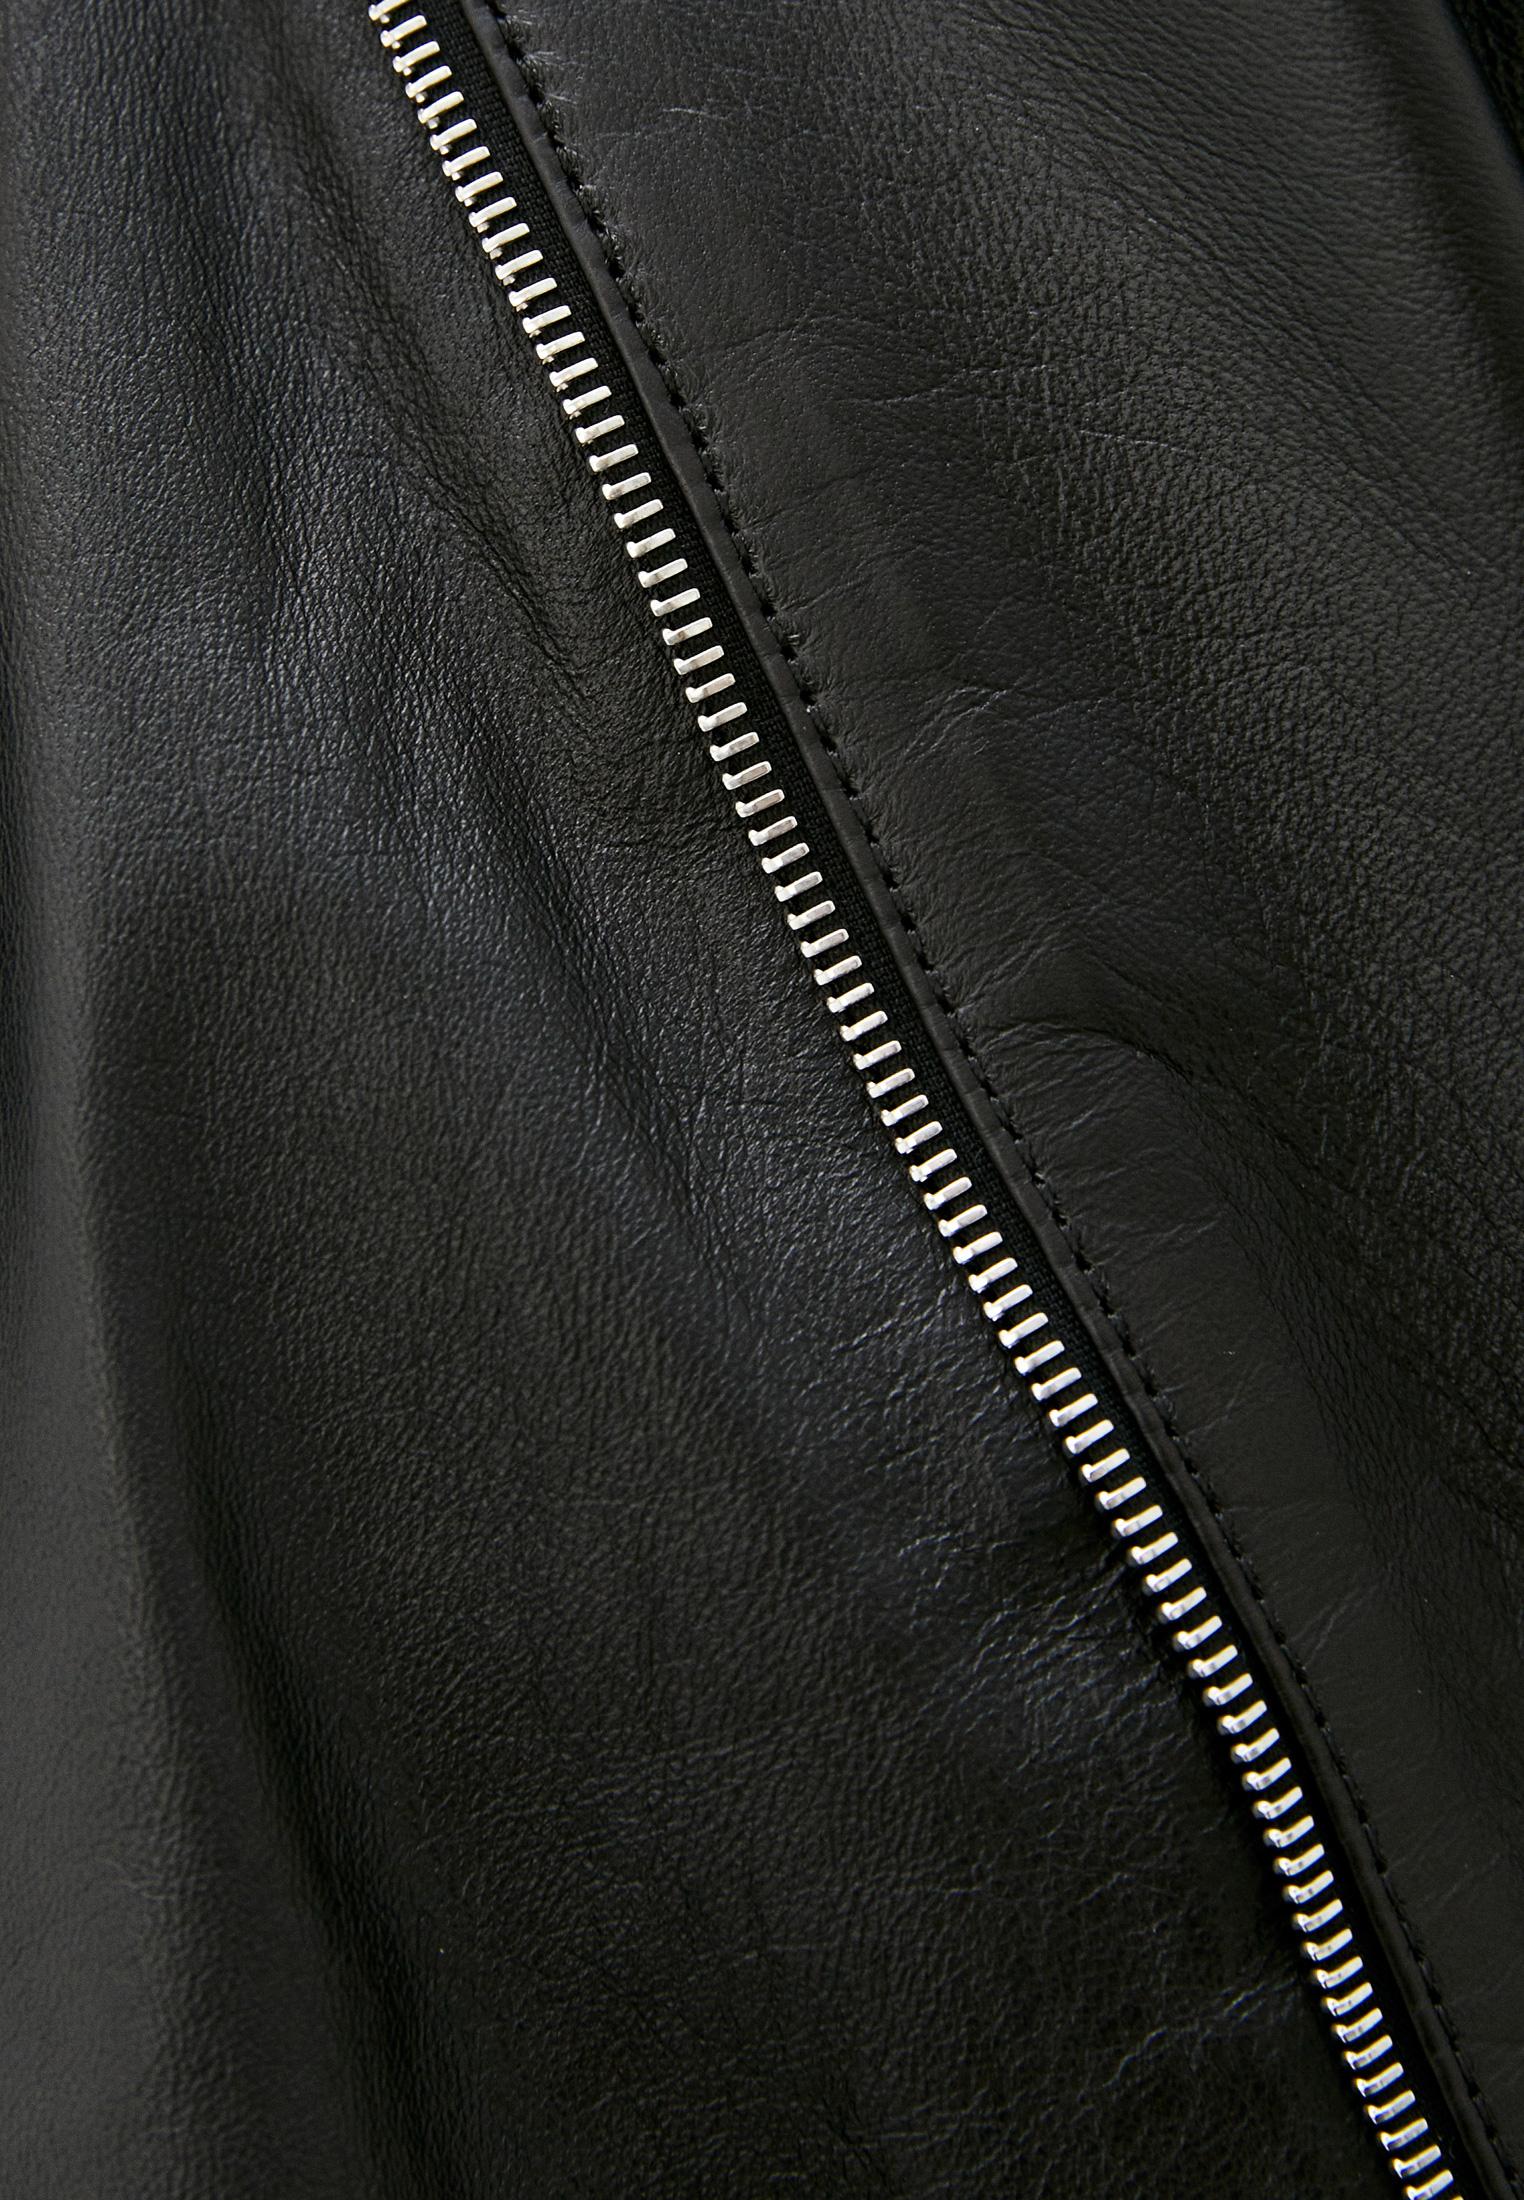 Кожаная куртка Patrizia Pepe (Патриция Пепе) CL0361 A1HZ: изображение 6